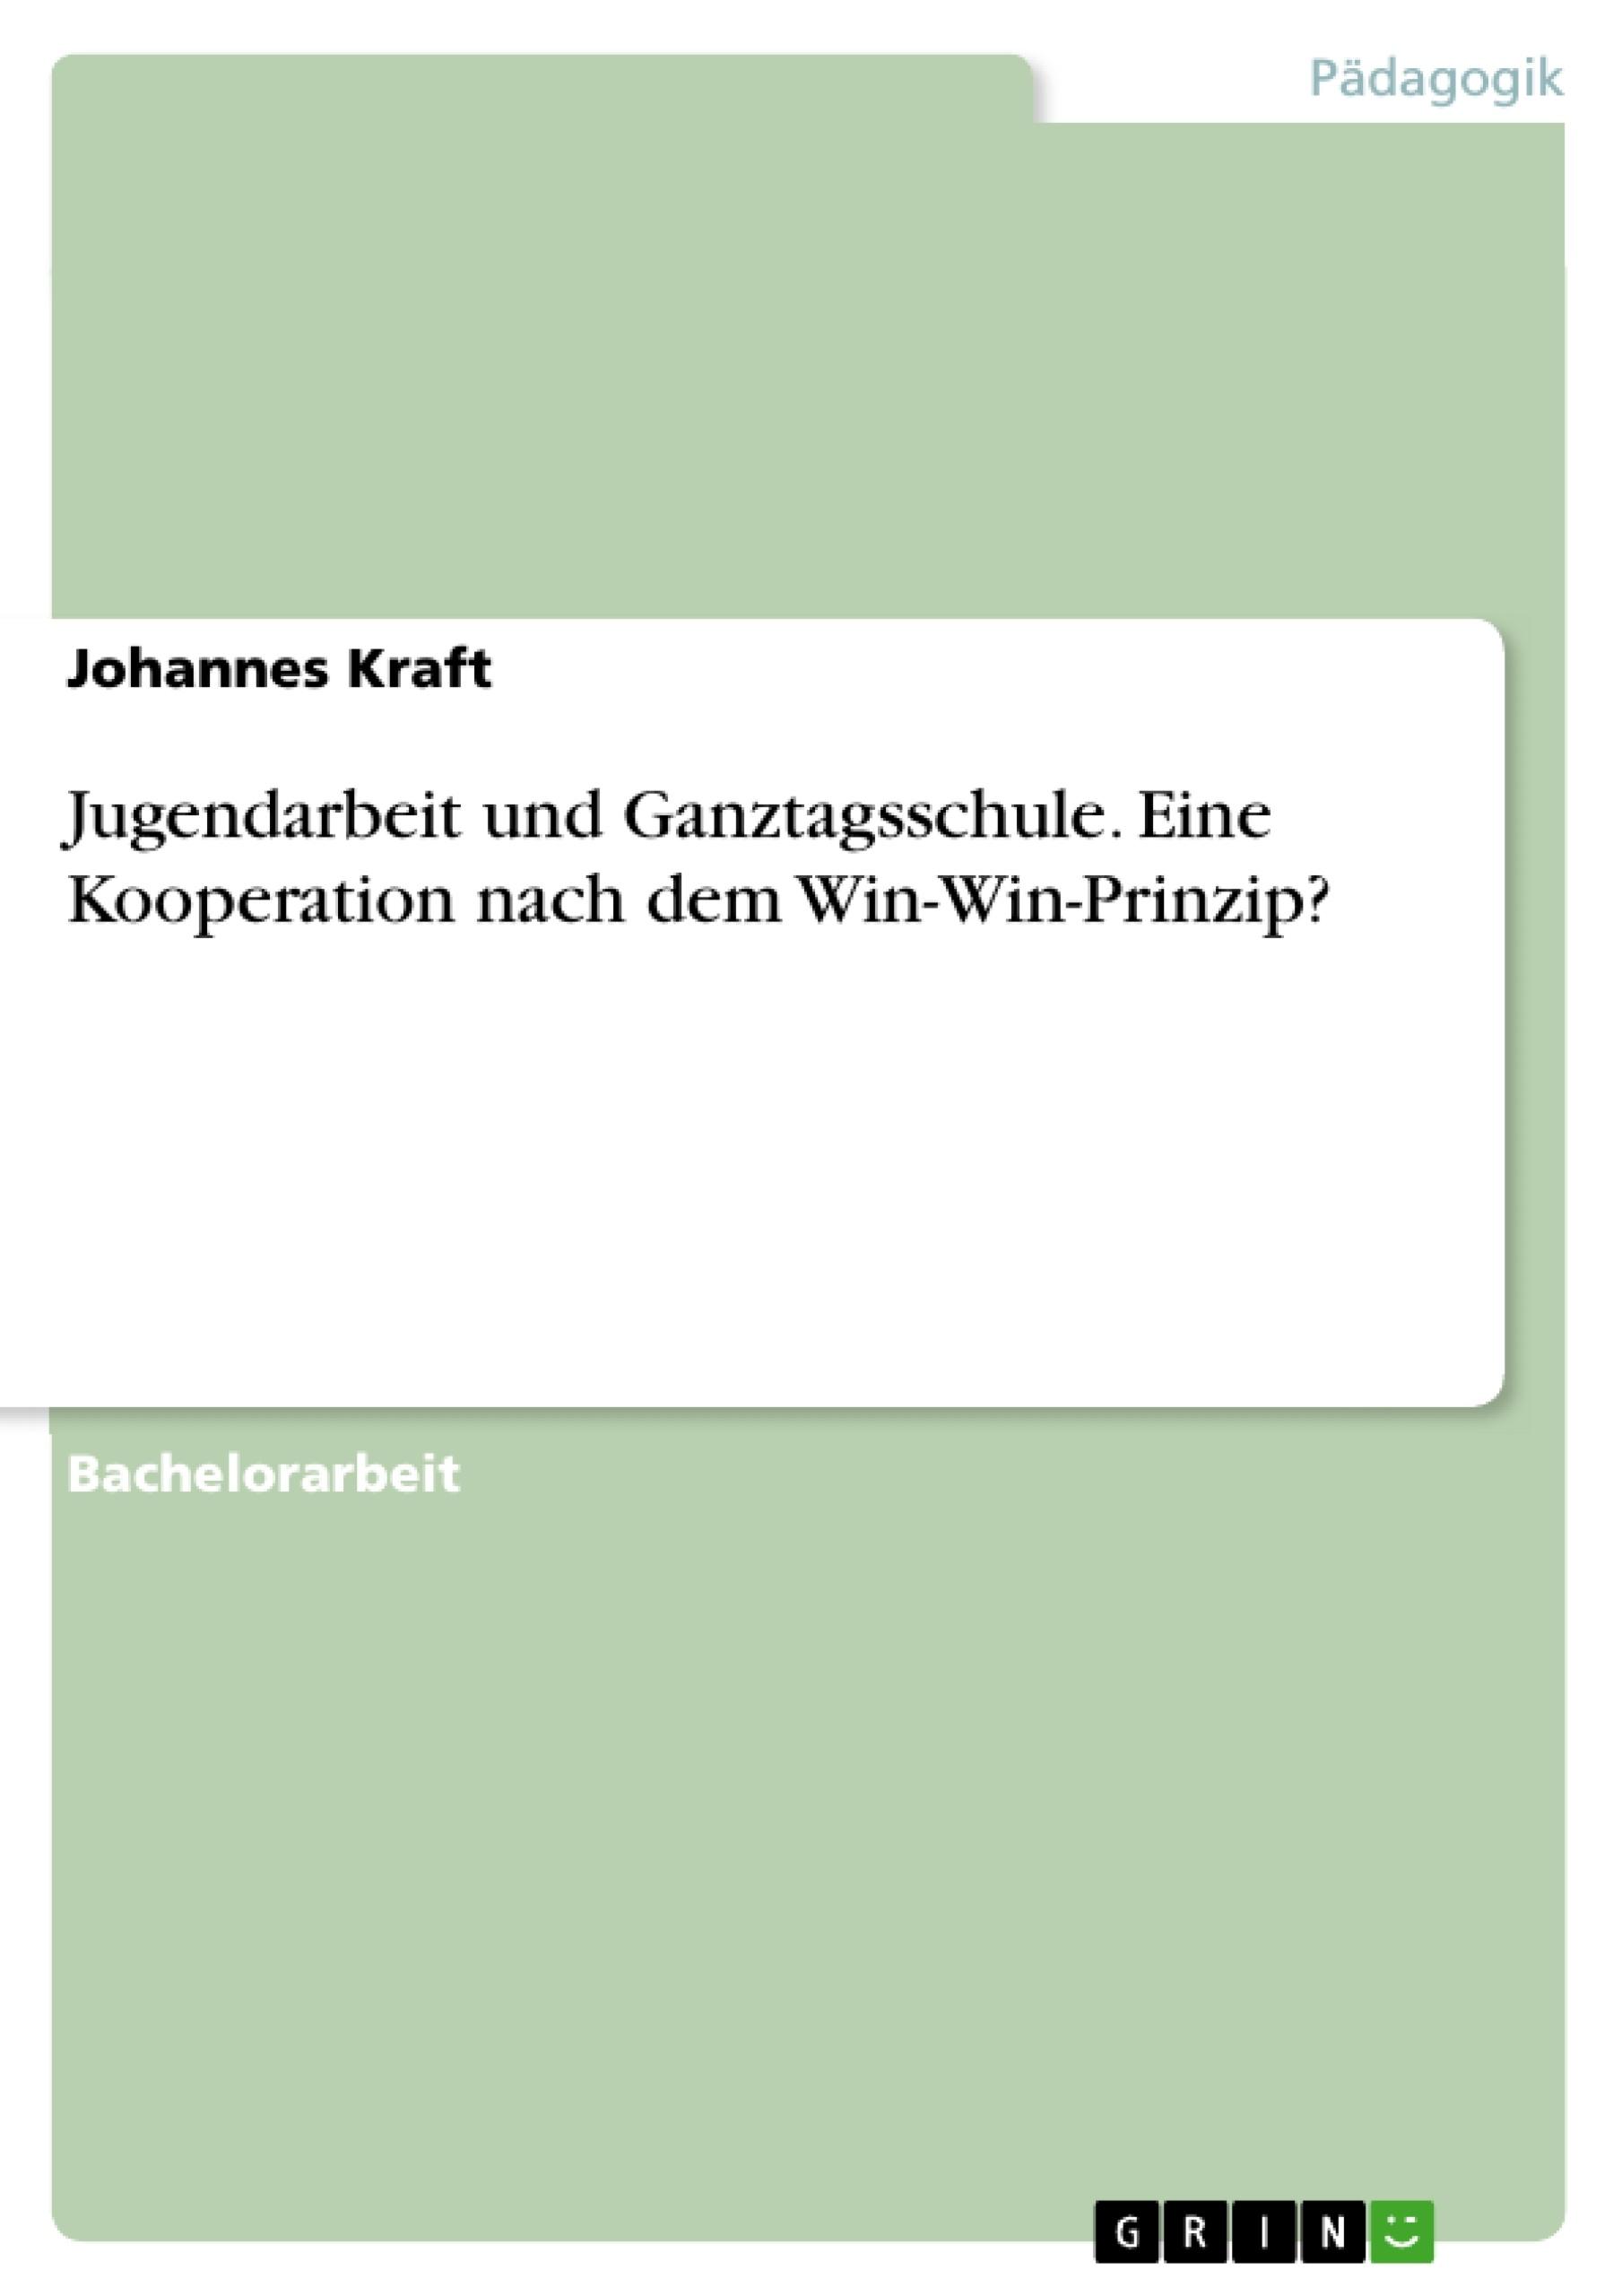 Titel: Jugendarbeit und Ganztagsschule. Eine Kooperation nach dem Win-Win-Prinzip?